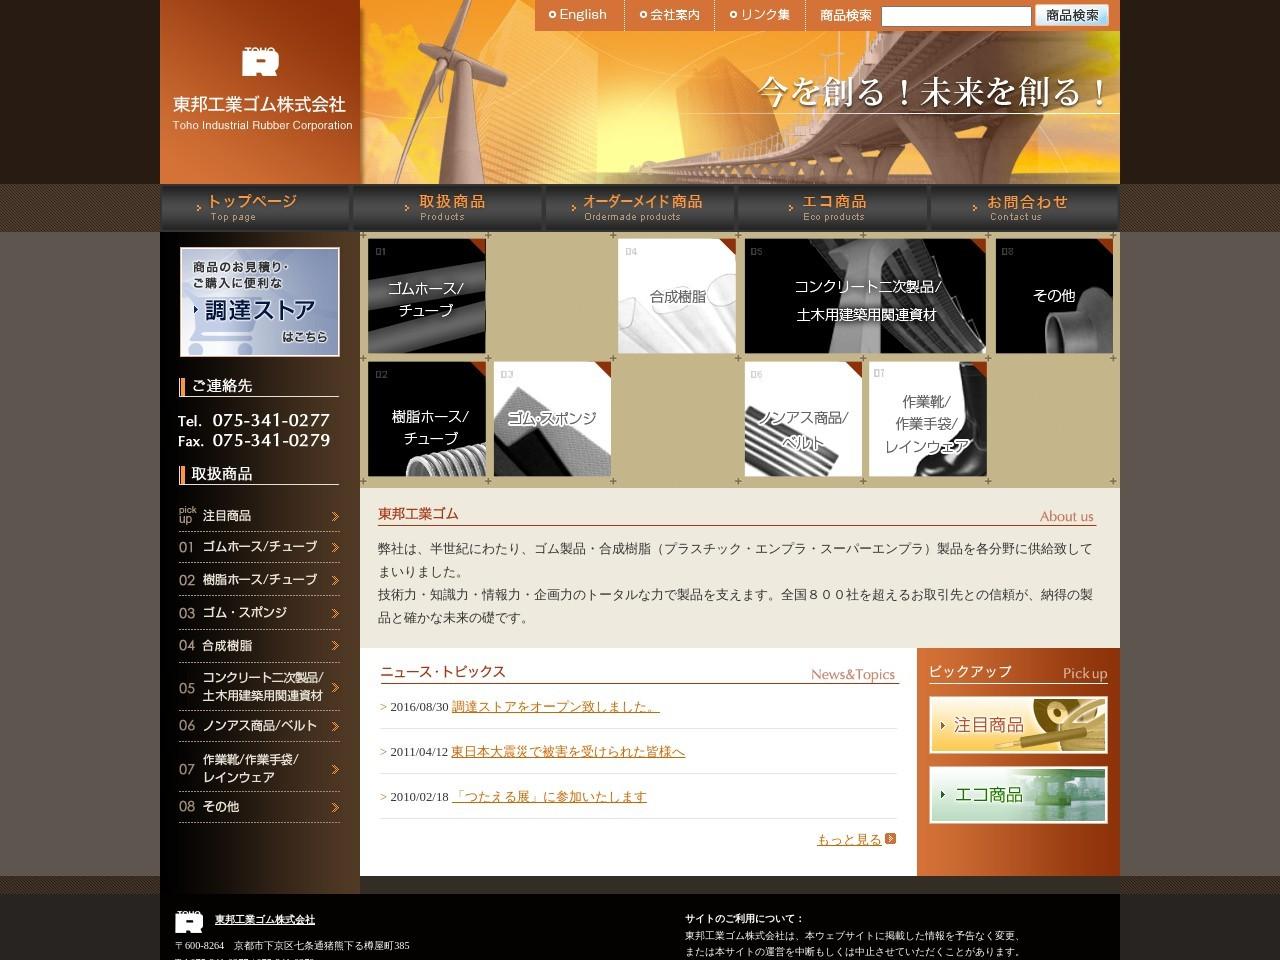 東邦工業ゴム株式会社